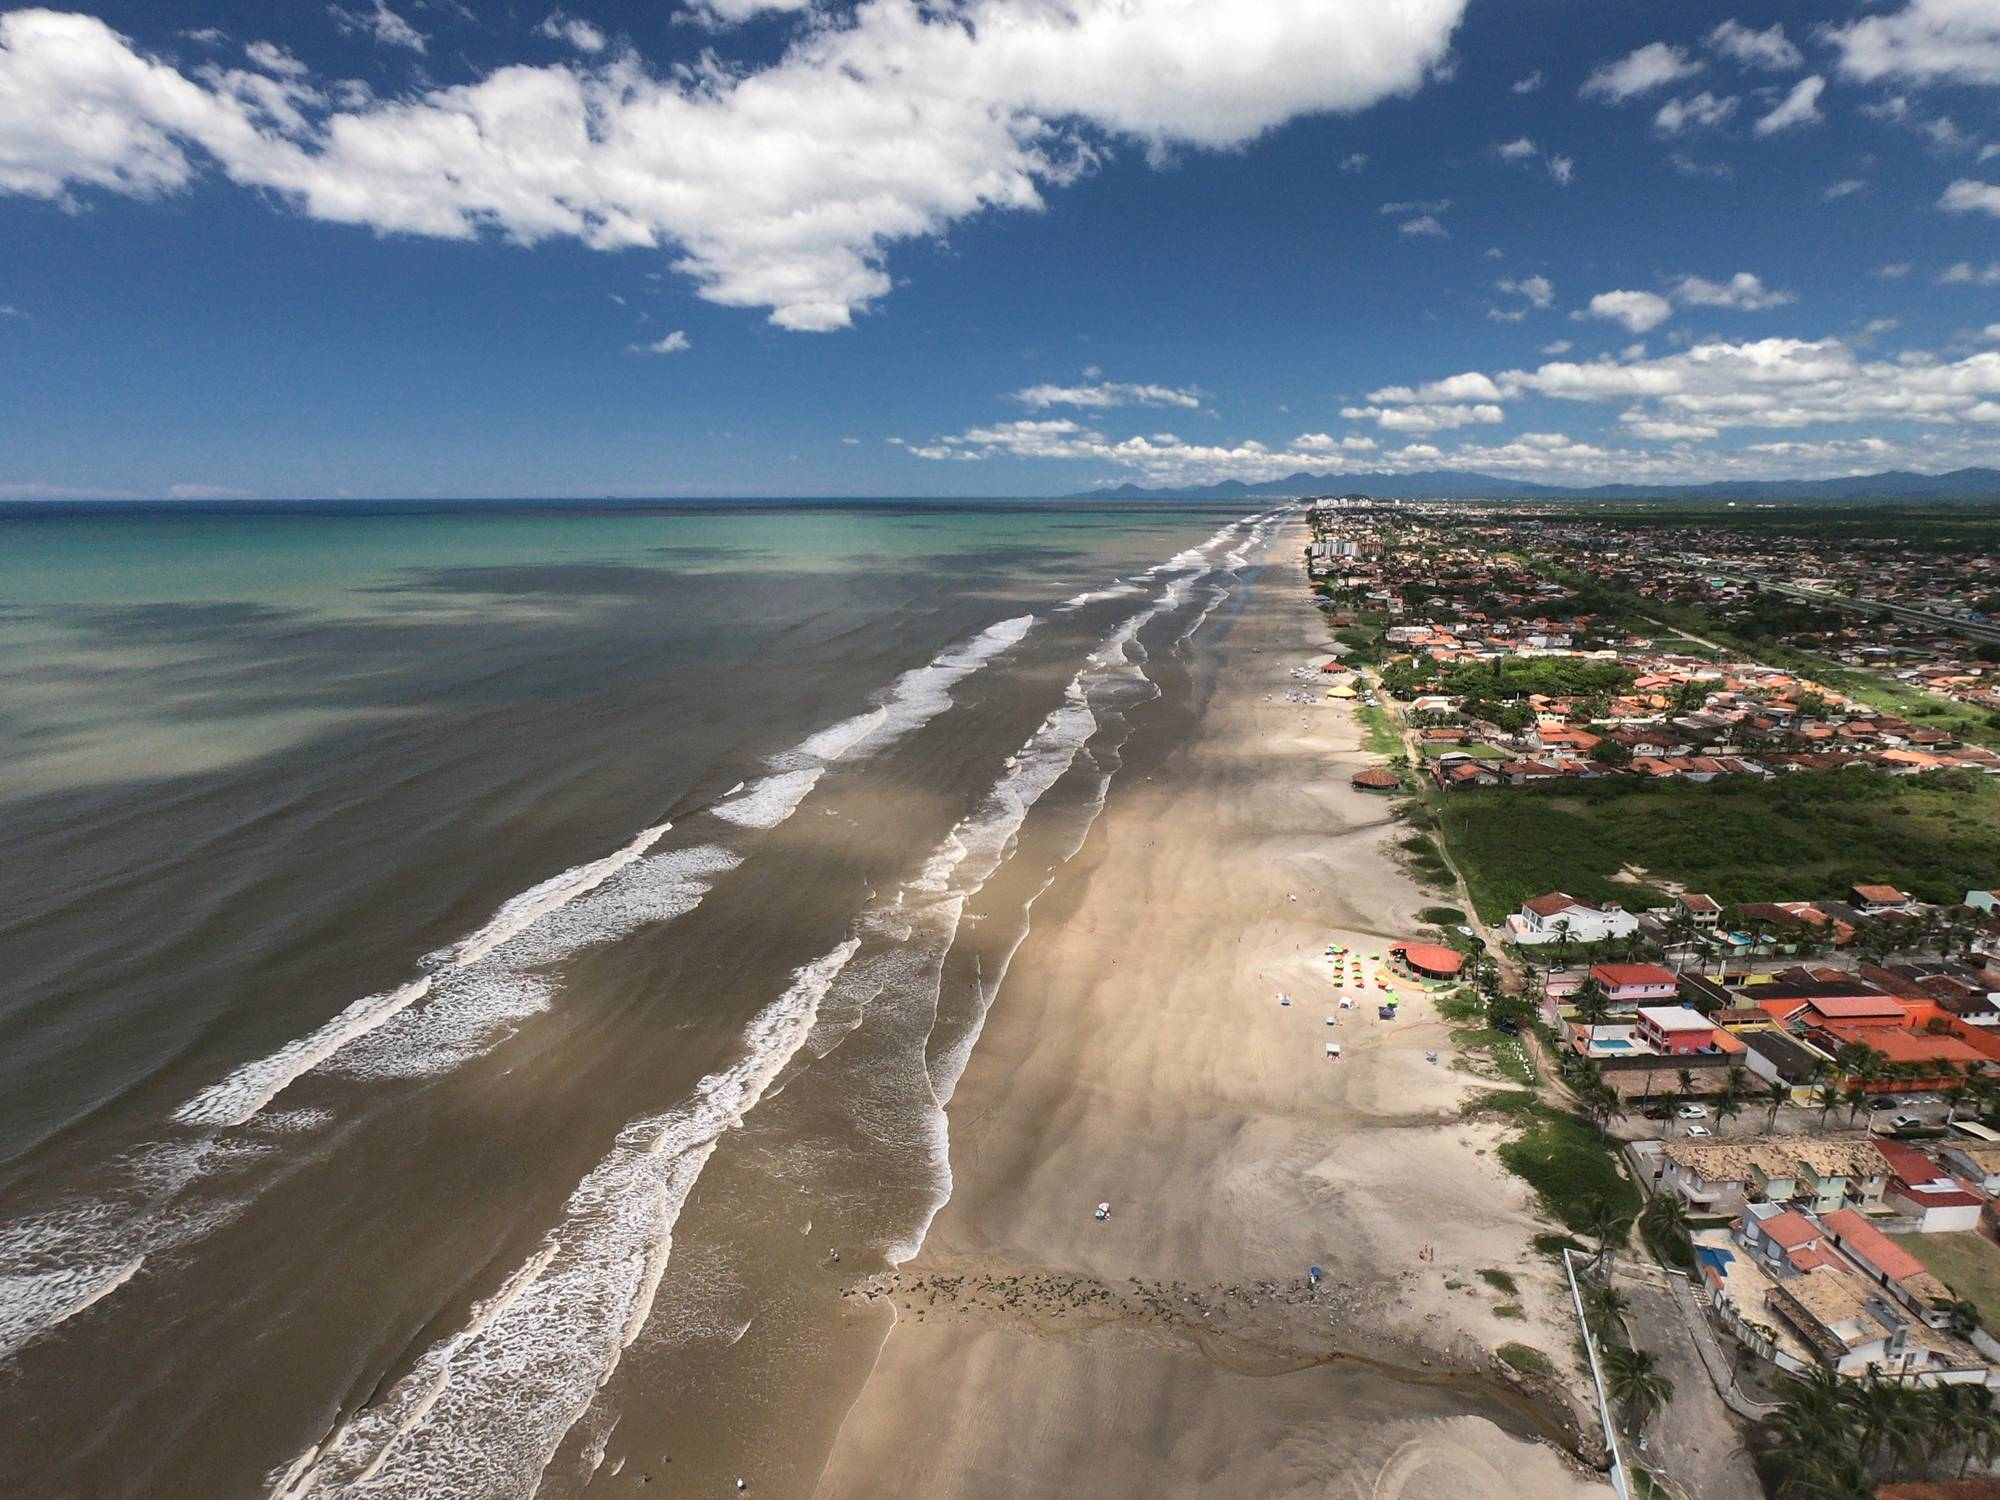 www.juicysantos.com.br - itanhaém vista aérea viagens pós-pandemia